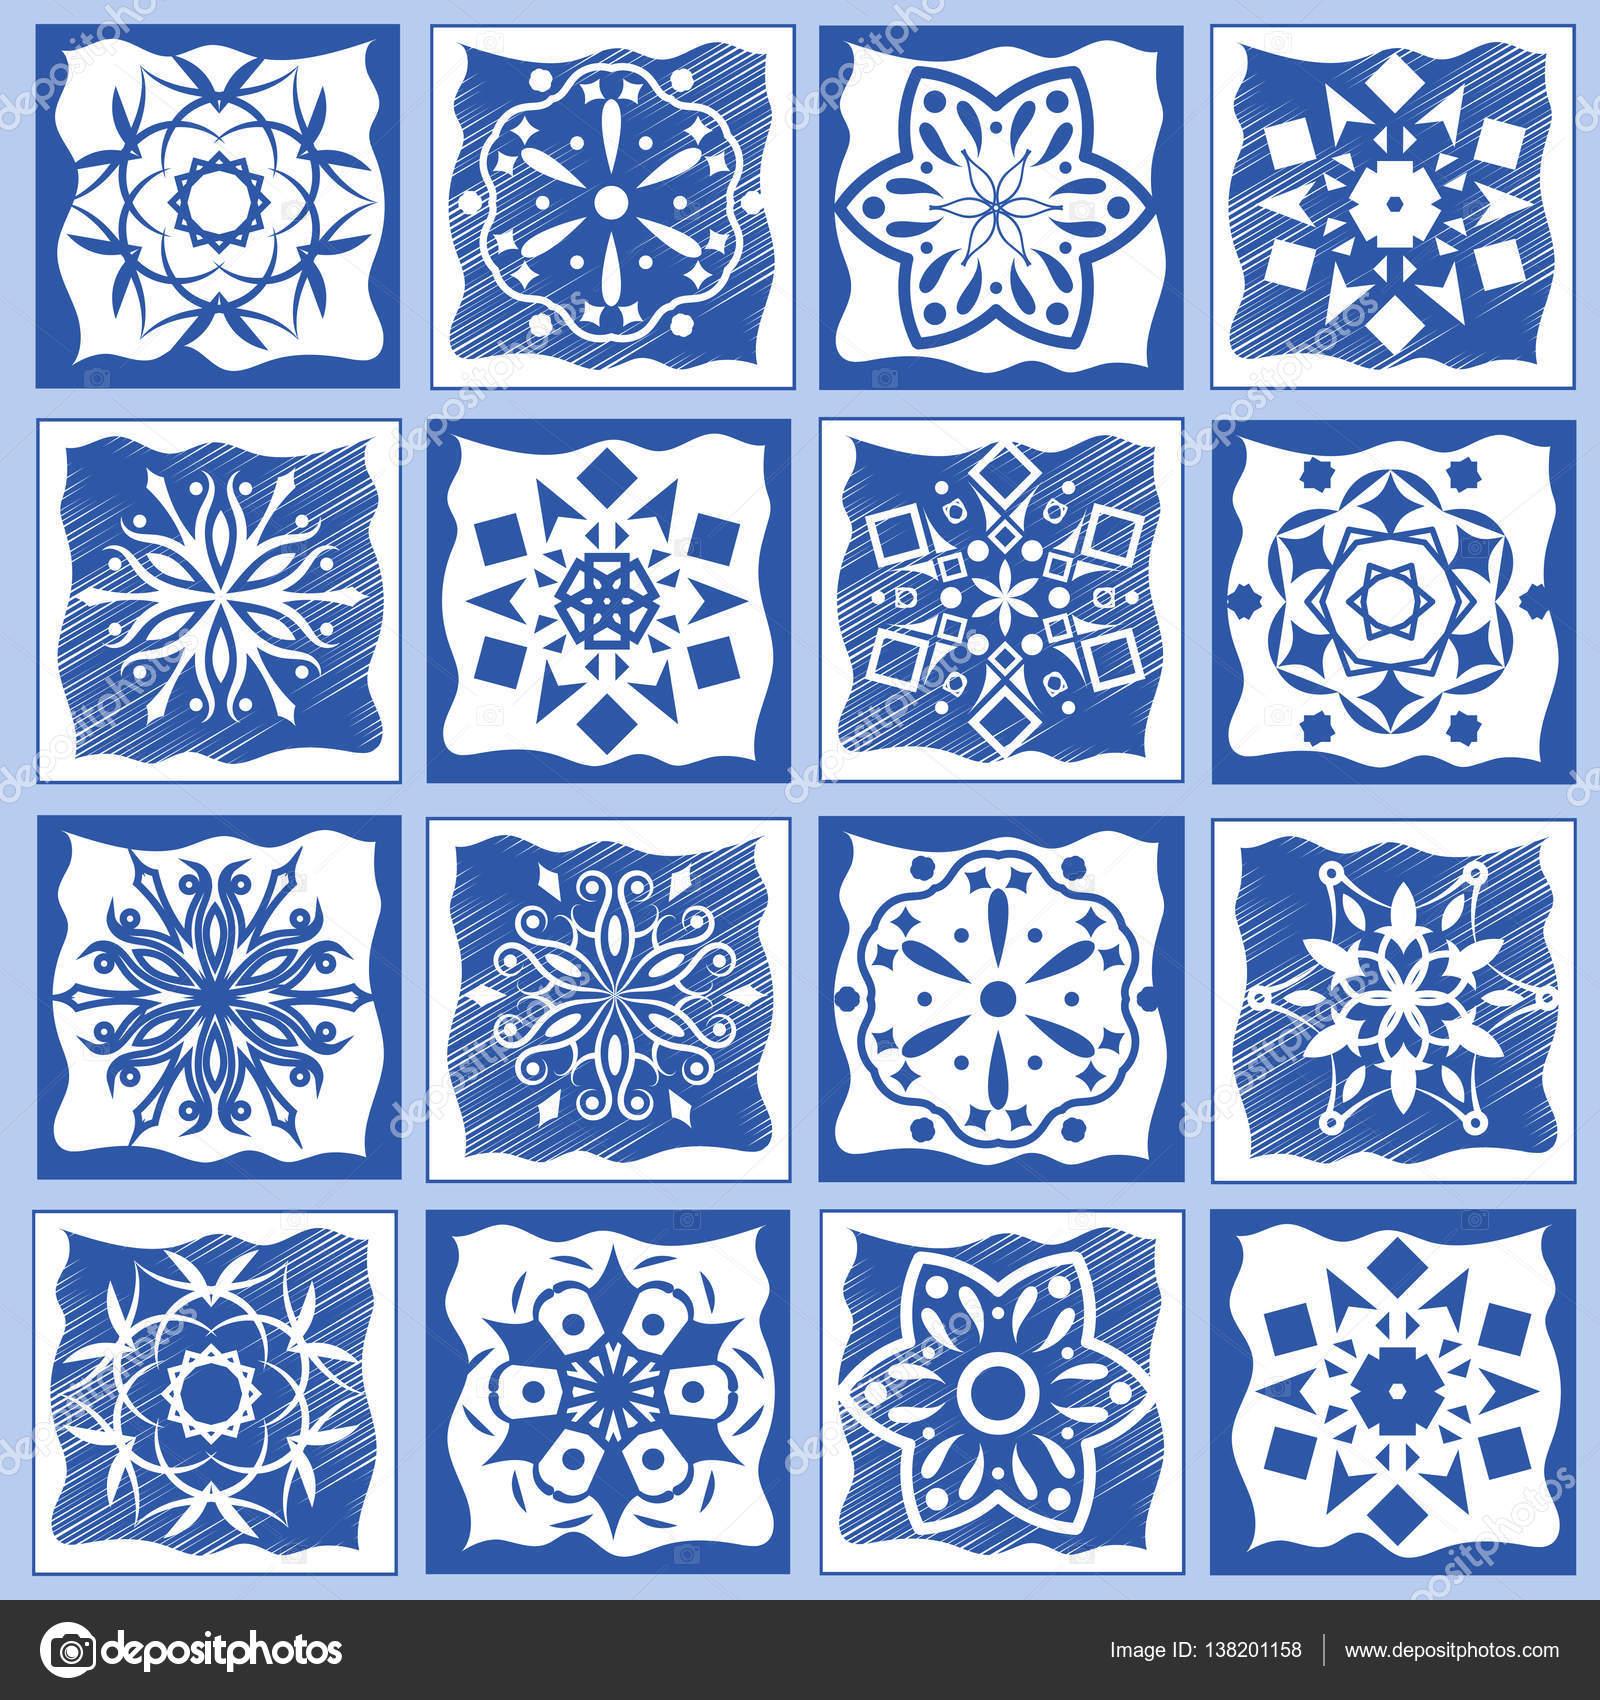 Ilustraci n de vector de azulejos de cer mica vintage - Azulejos de ceramica ...